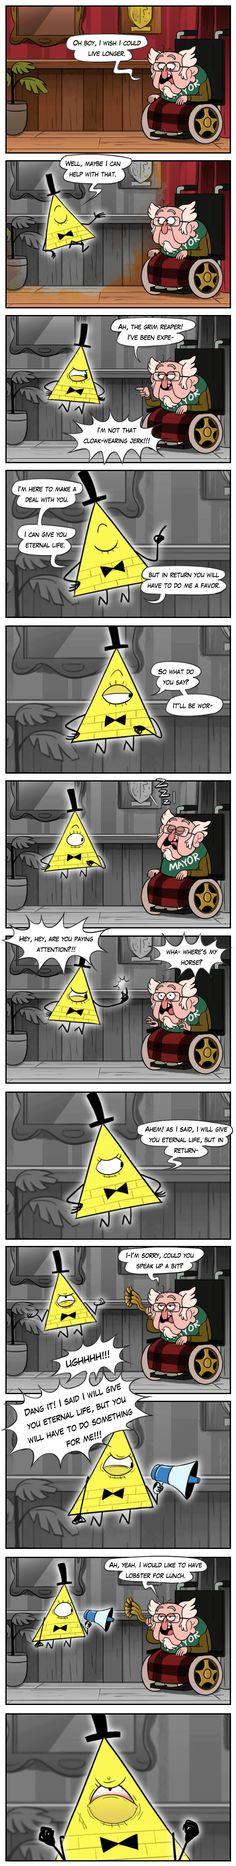 Nevermind by markmak>>>>HAHA BILL!